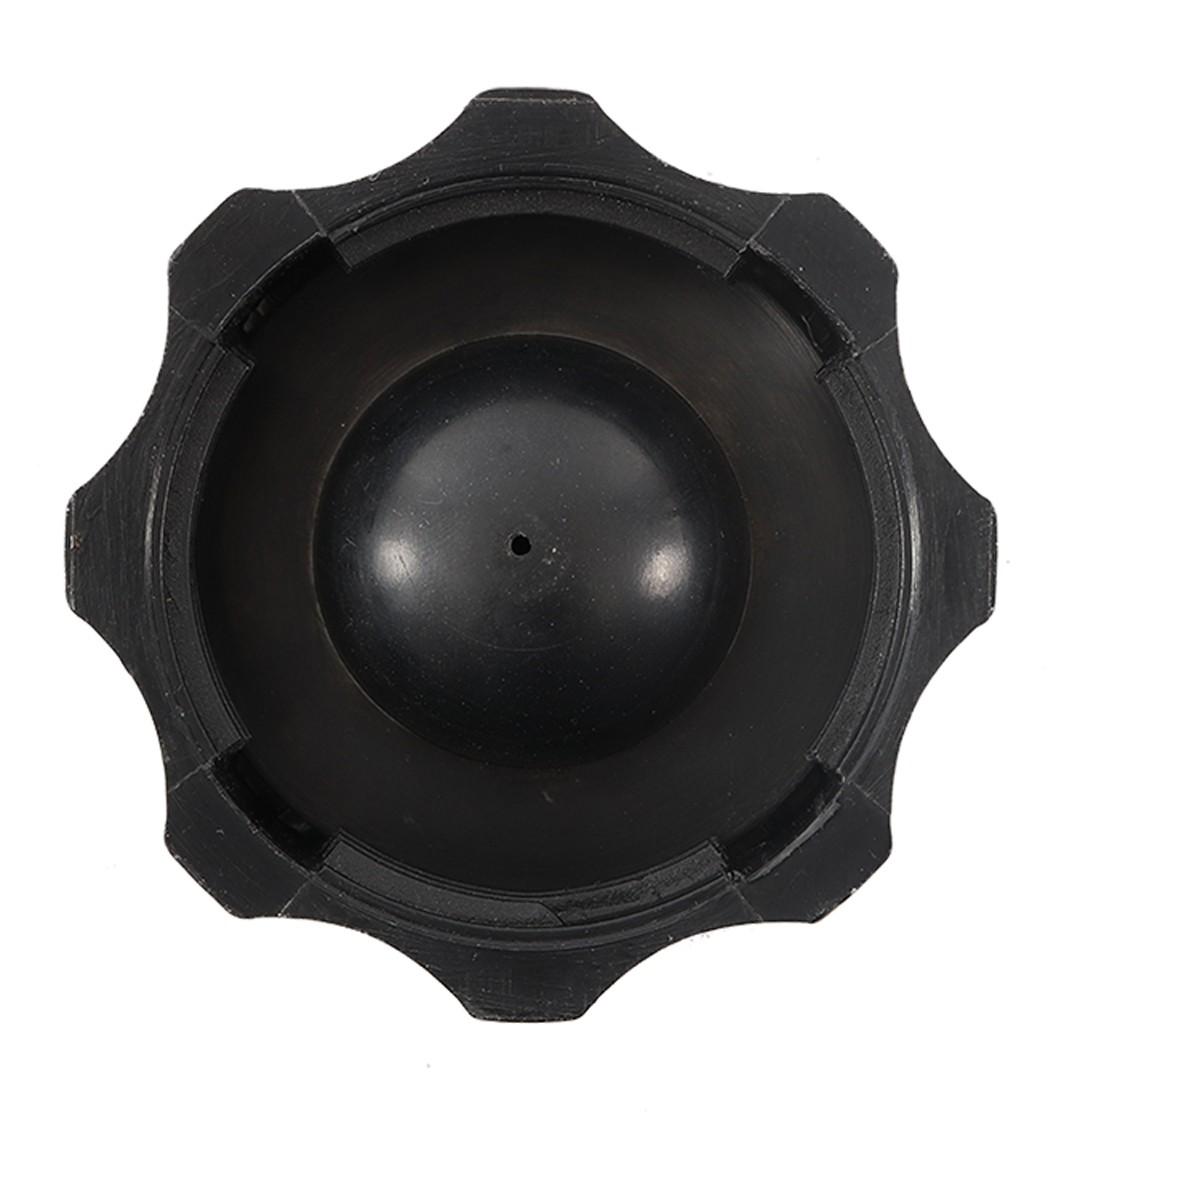 Kubota Padel Ruber Pad Cover L4300F L4400F MX4700DT MX4700F MX4800DT MX4800F